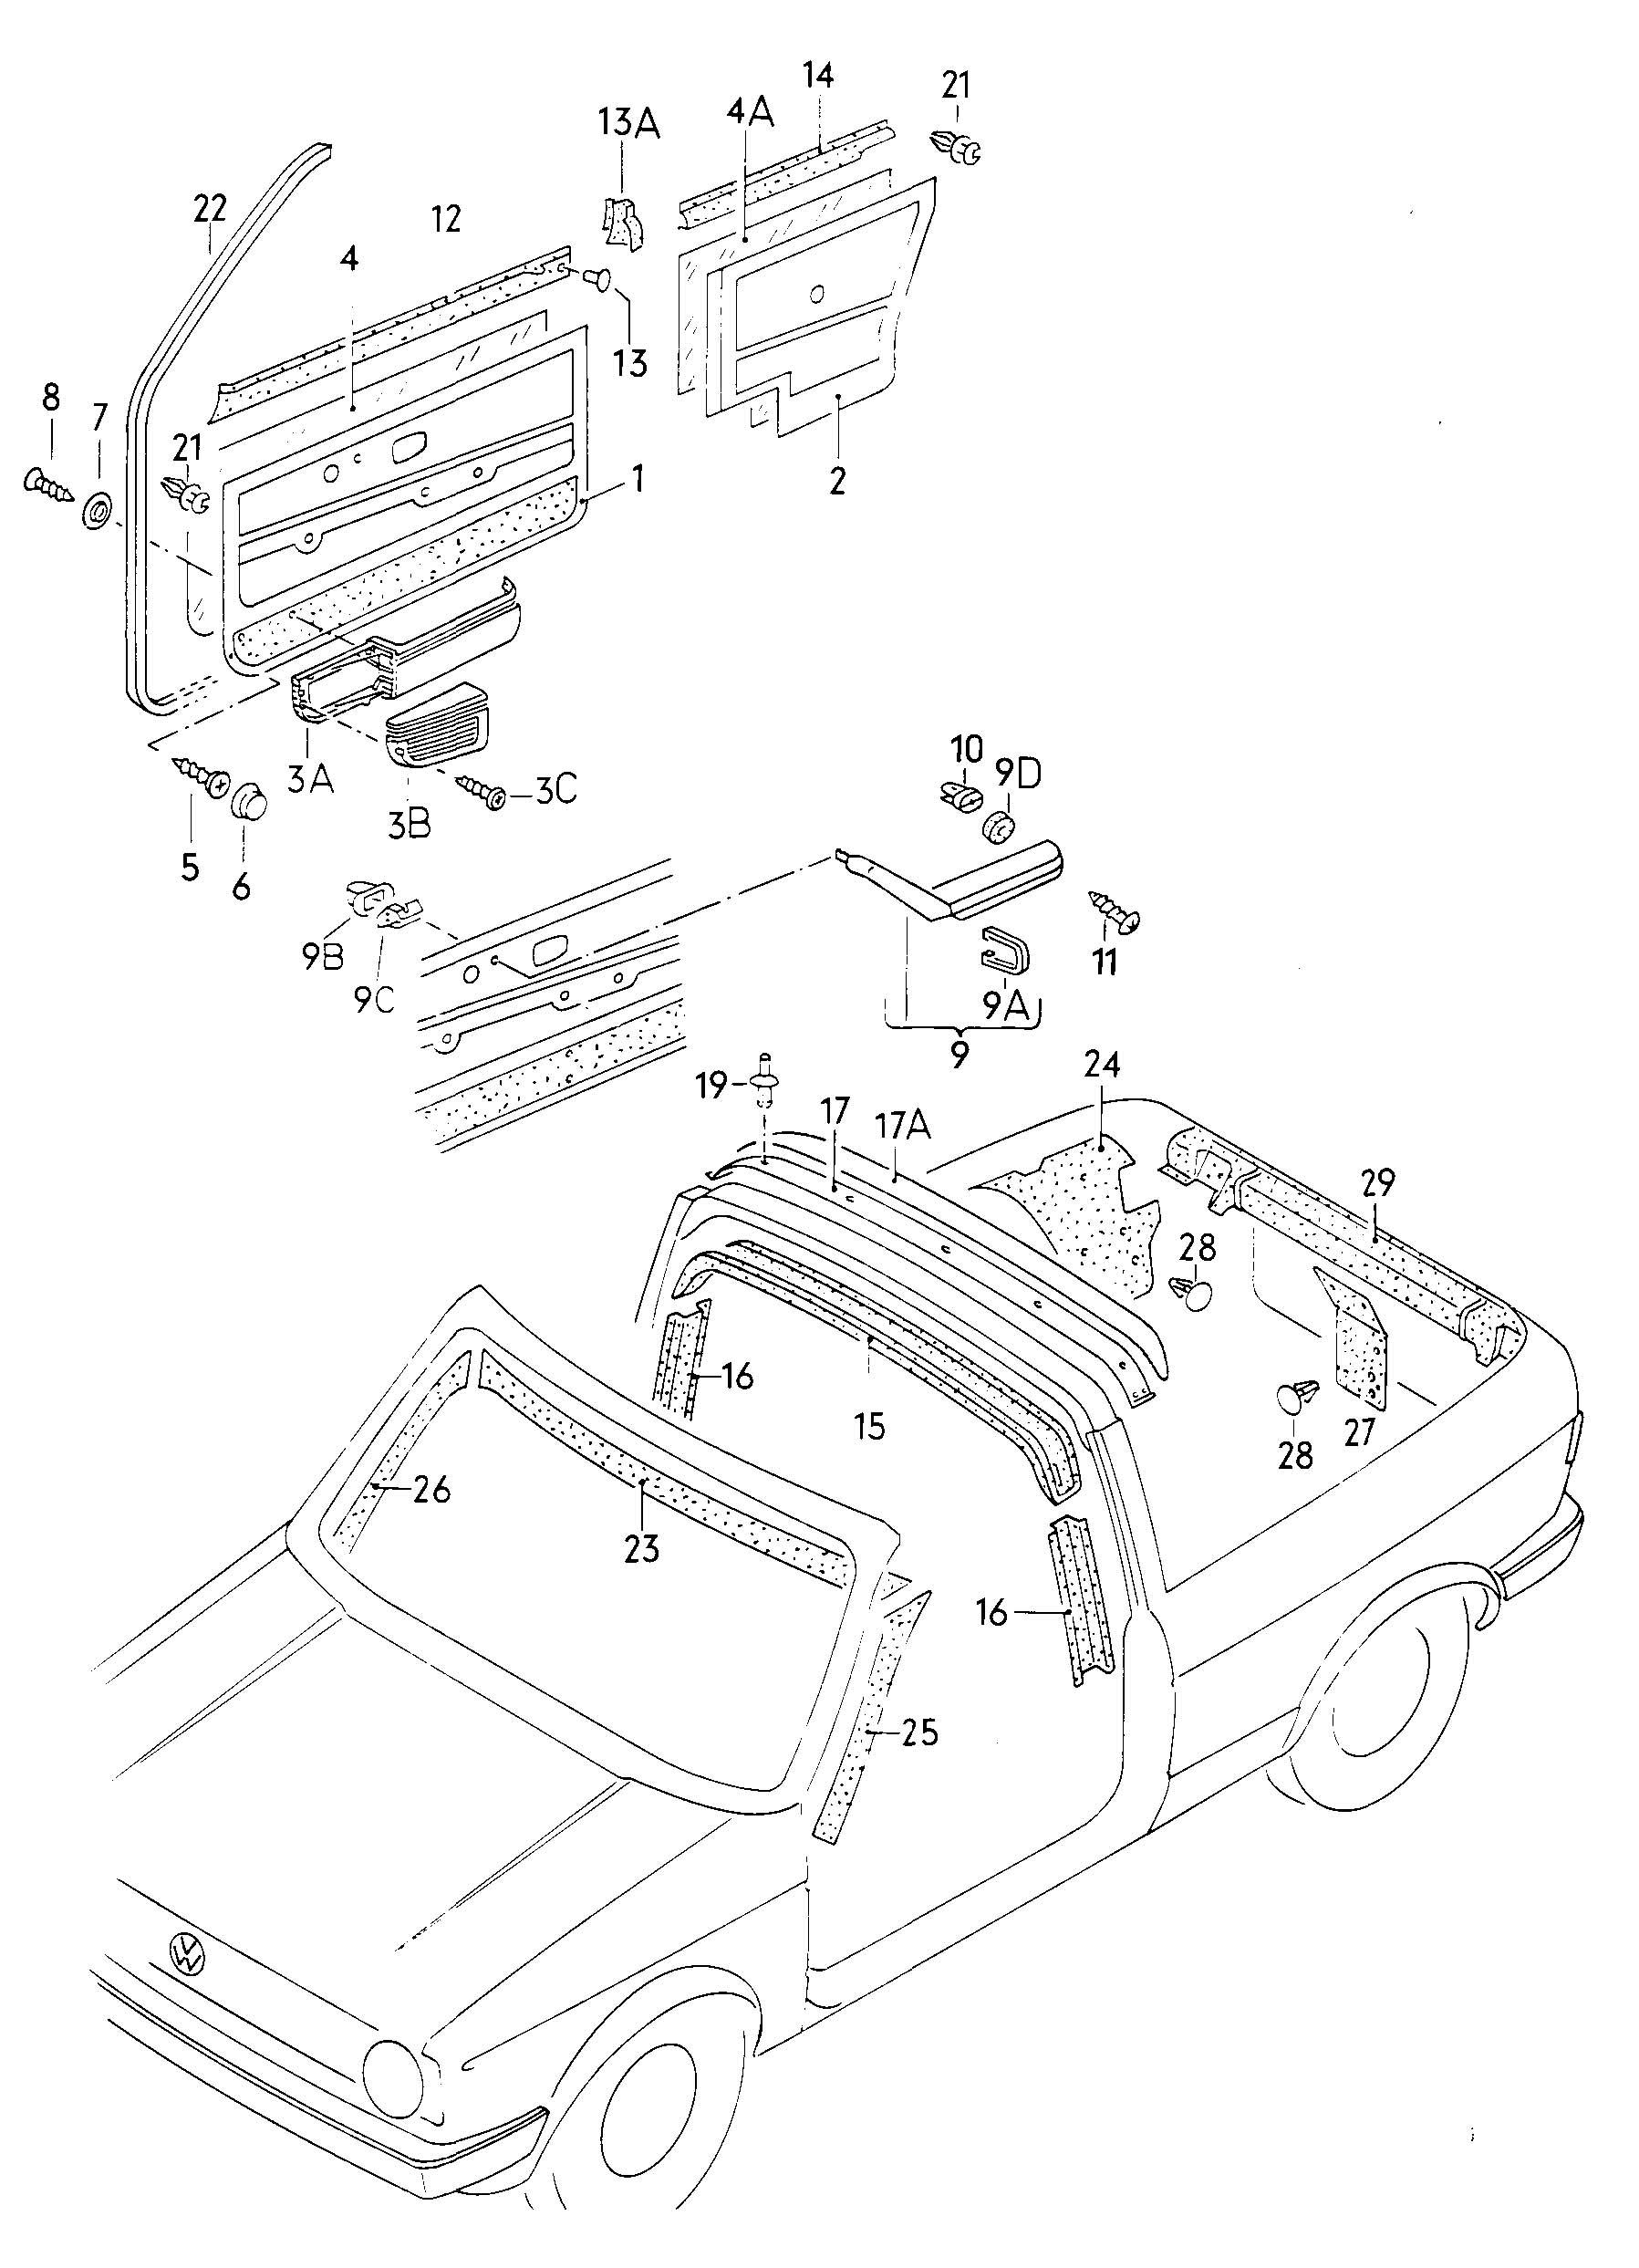 1984 Volkswagen (VW) Cabrio/Cabriolet Interior trim